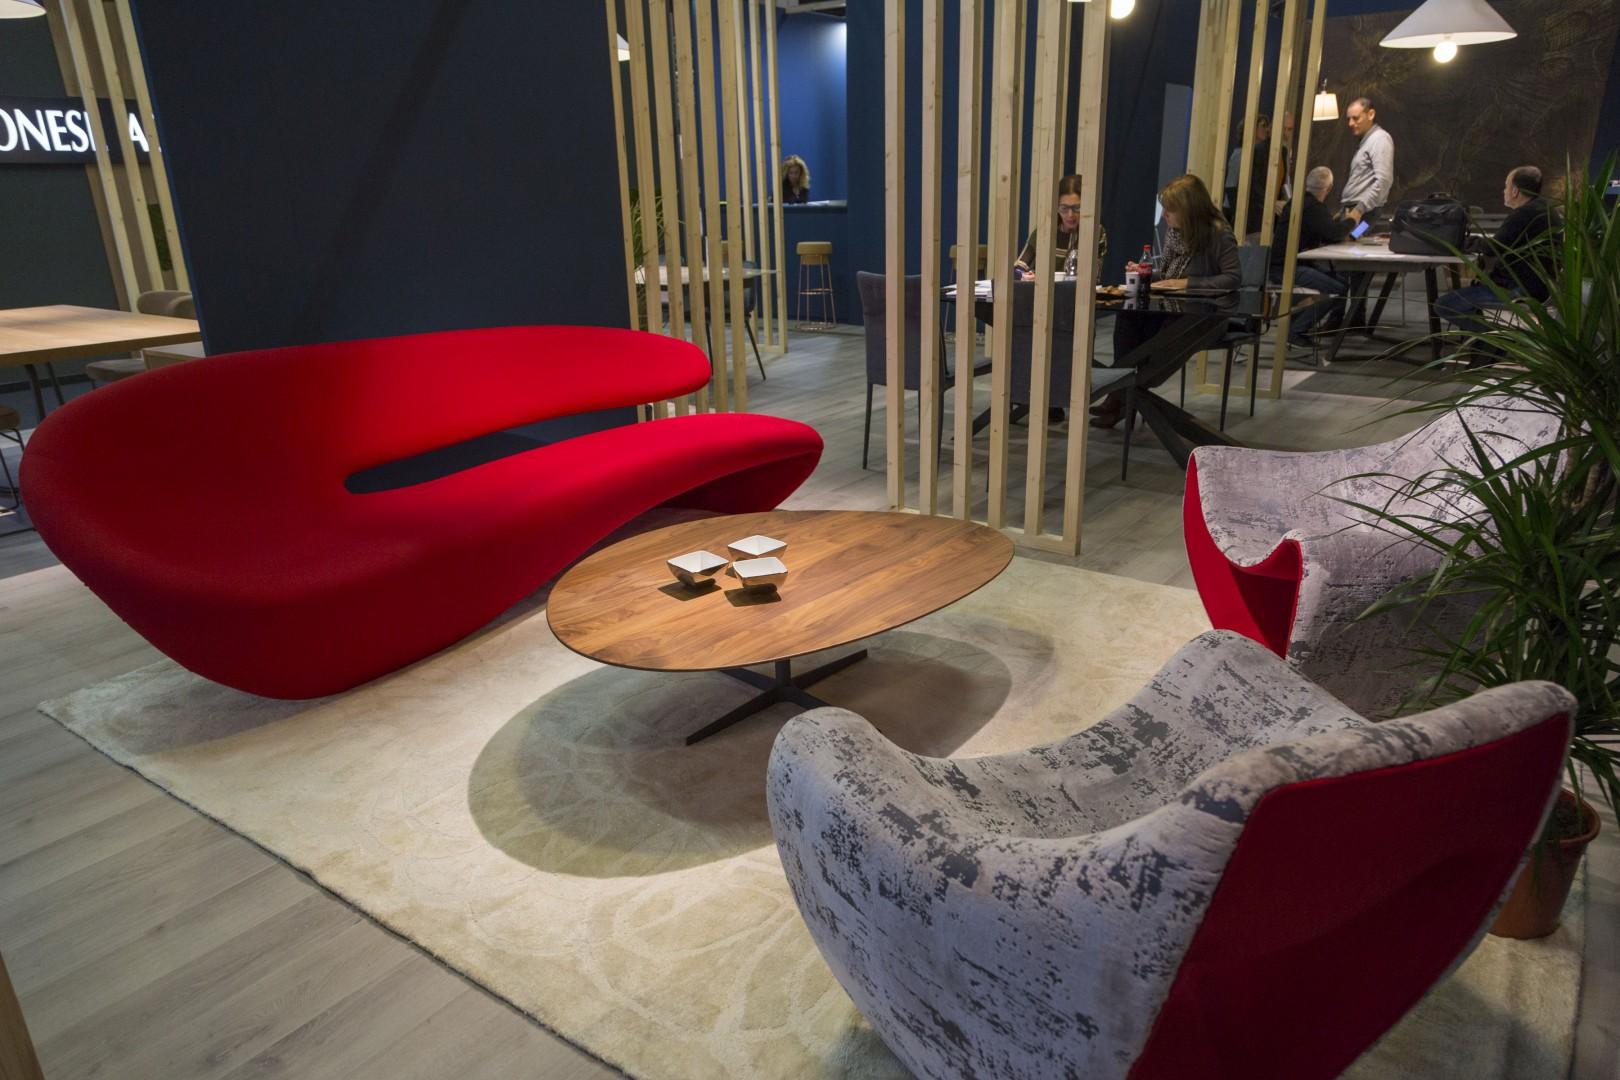 Domitalia - targi IMM Cologne 2018. Fot. Koelnmesse